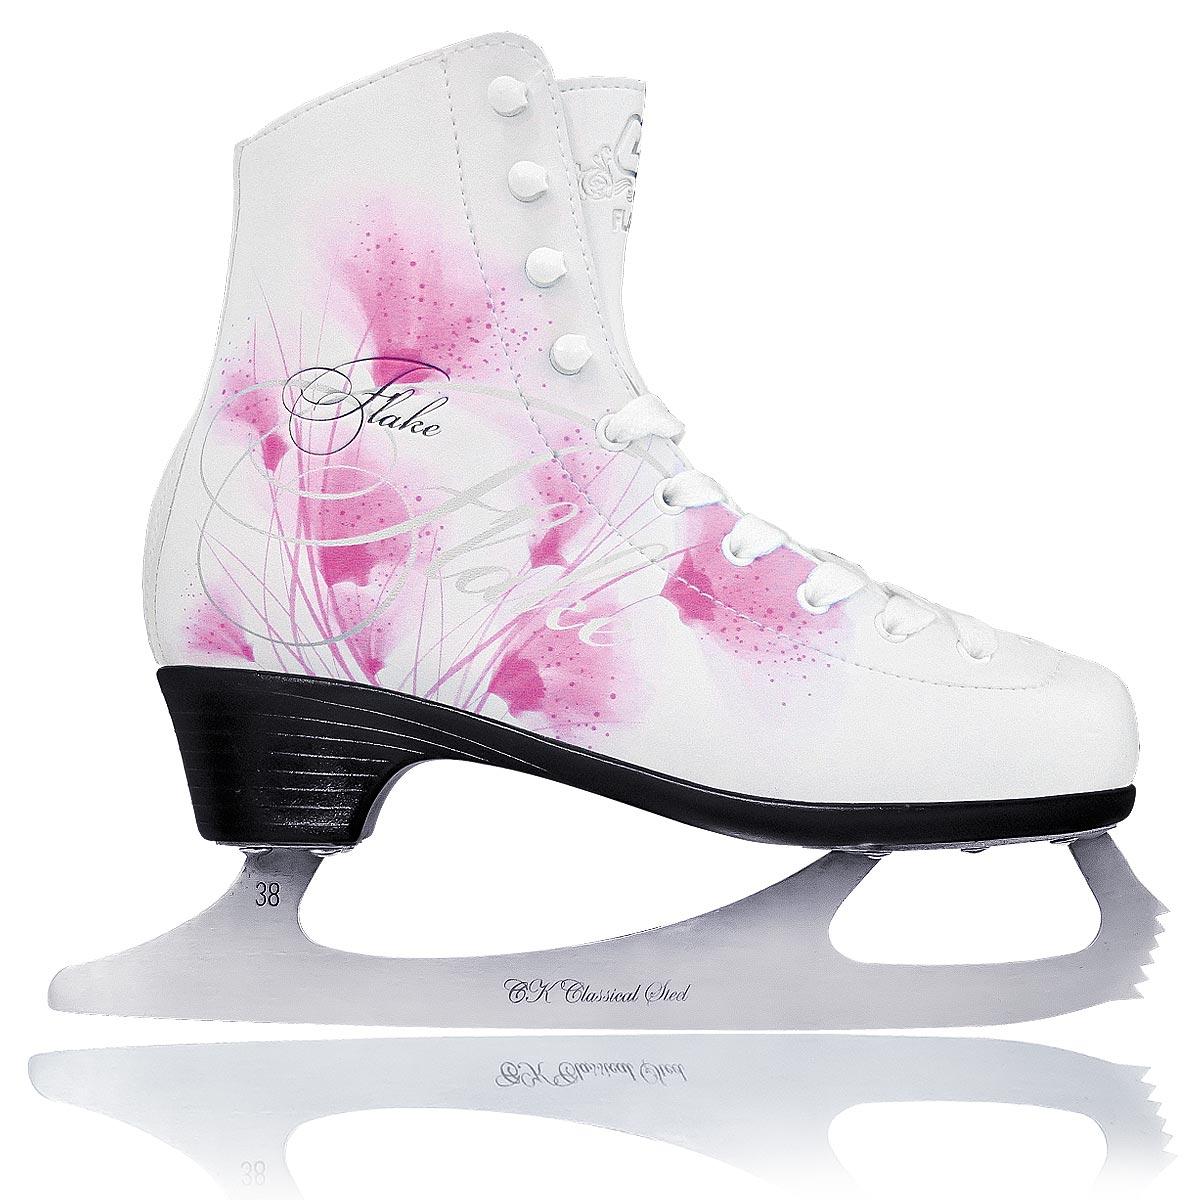 Коньки фигурные для девочки CK Flake Leather, цвет: белый, фуксия. Размер 32